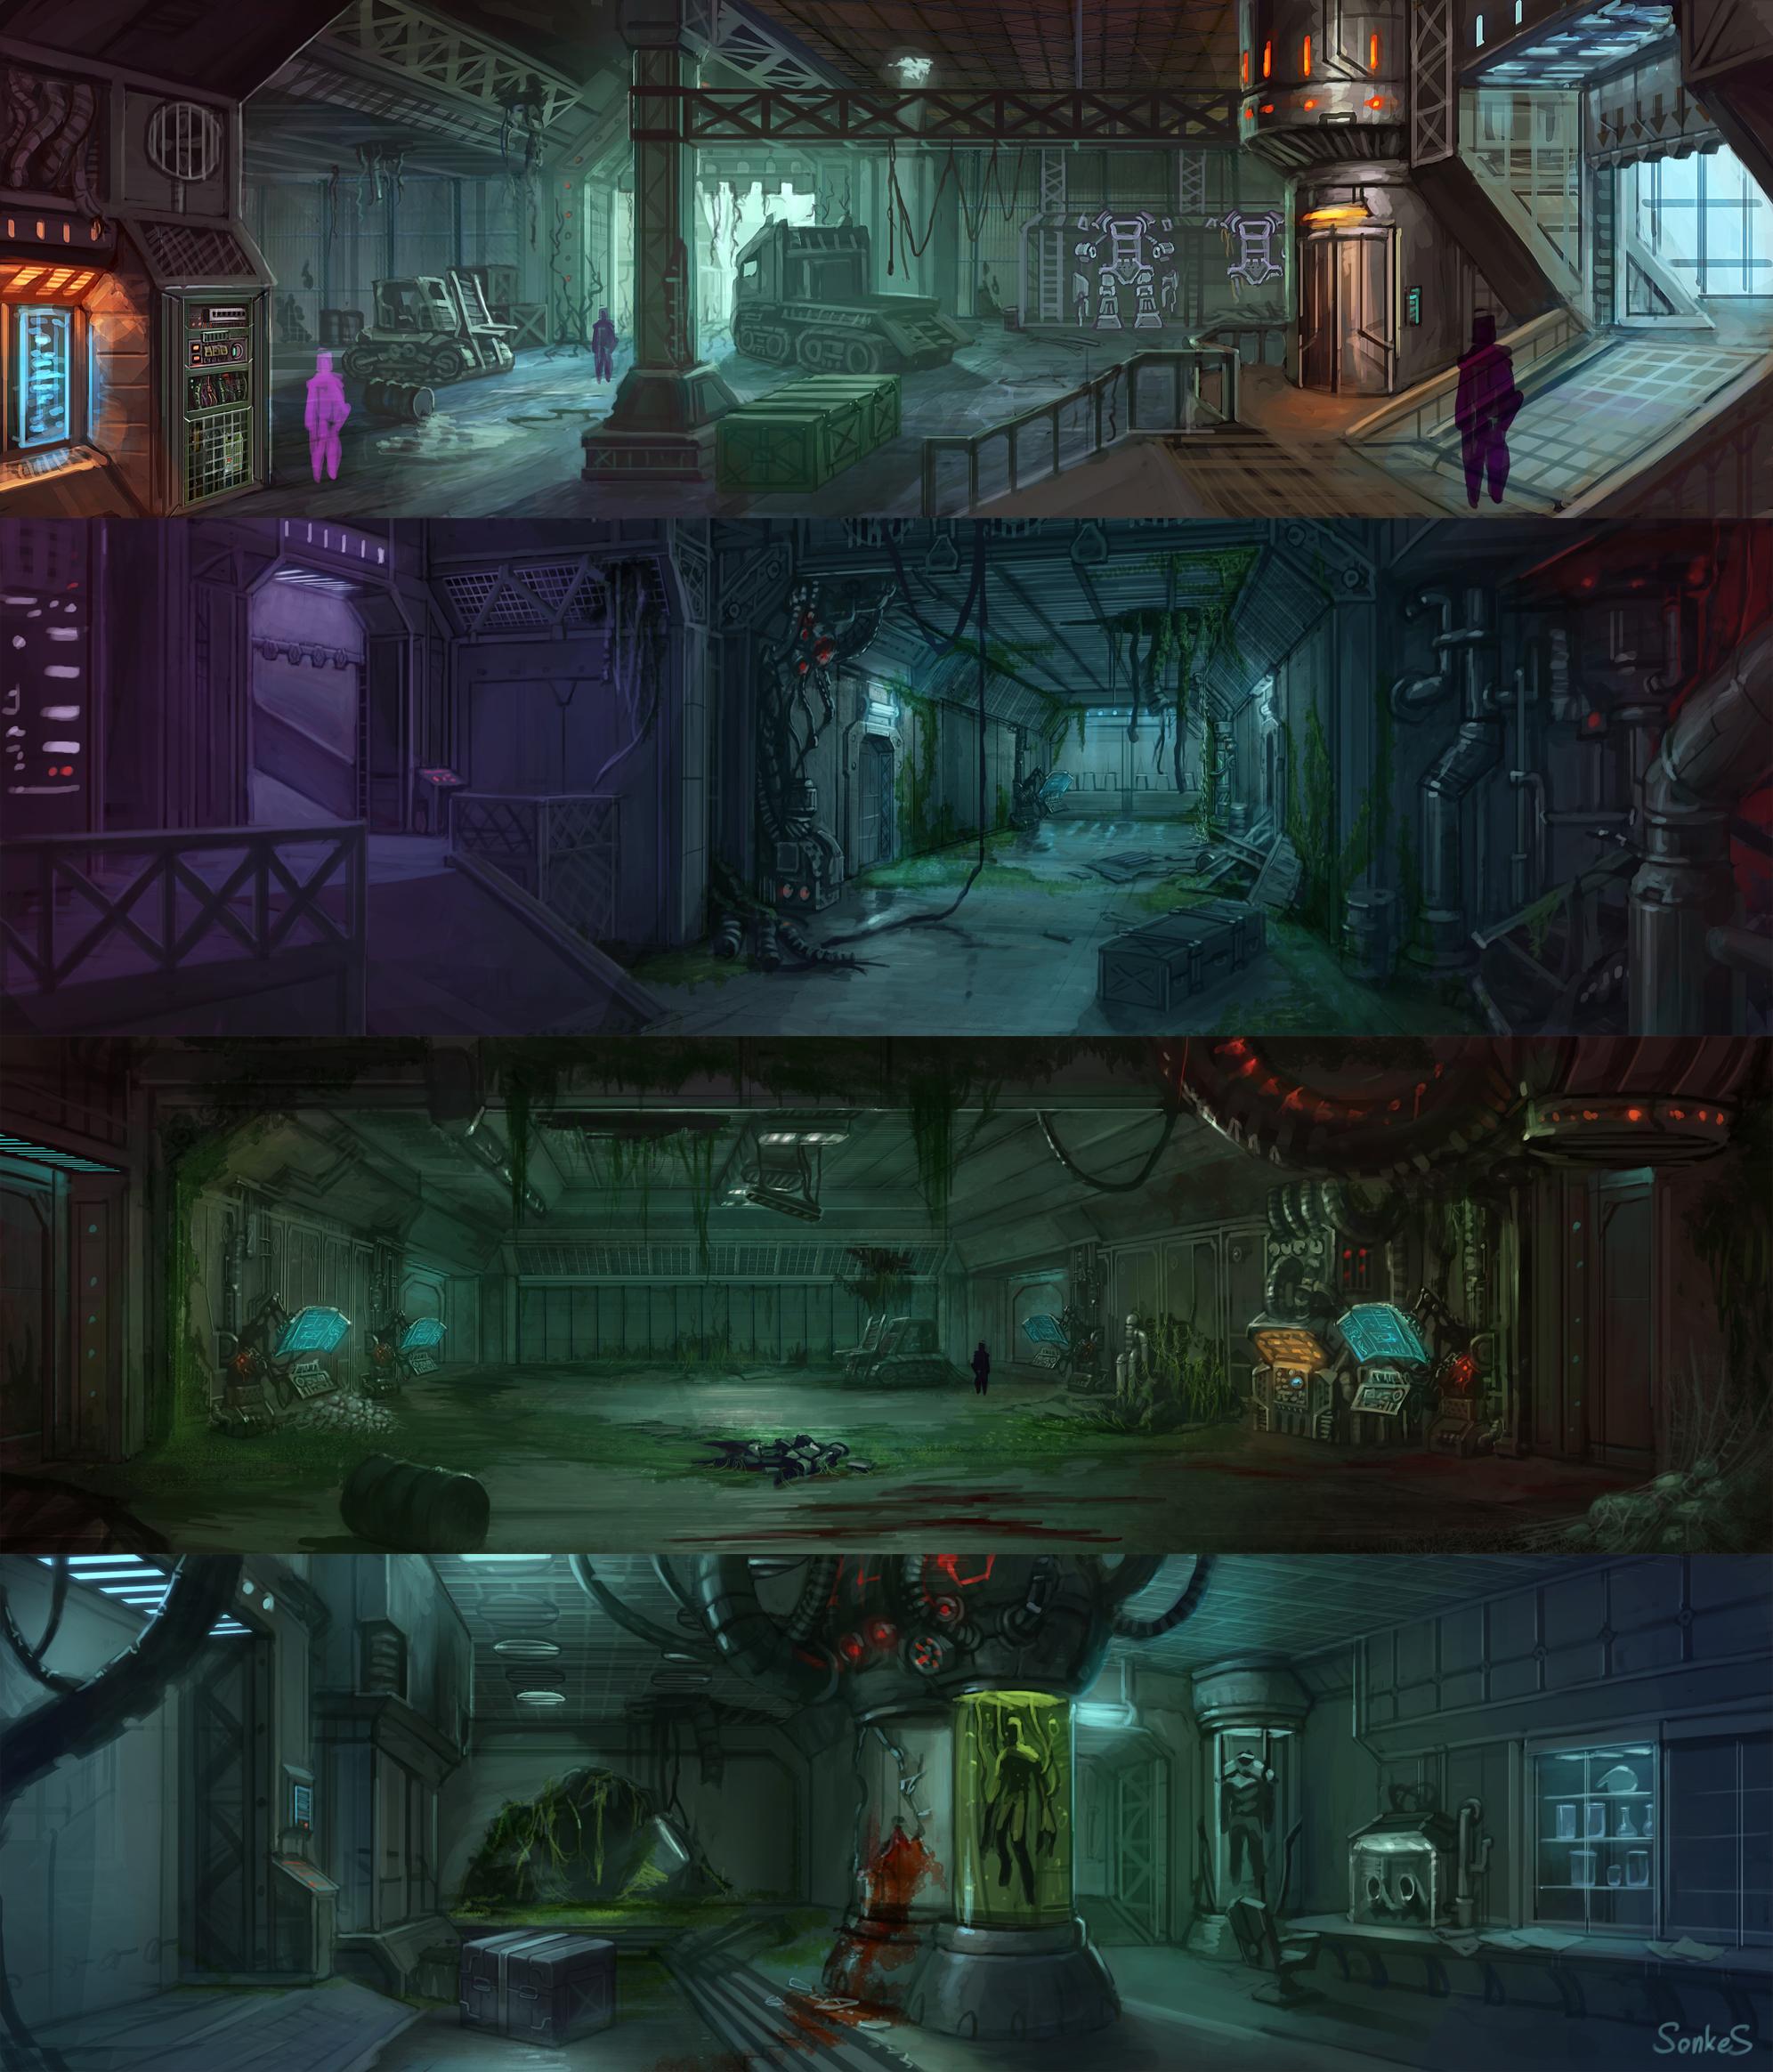 Opuszczony ośrodek pod powierzchnią ziemi Underground_base_by_Real_SonkeS